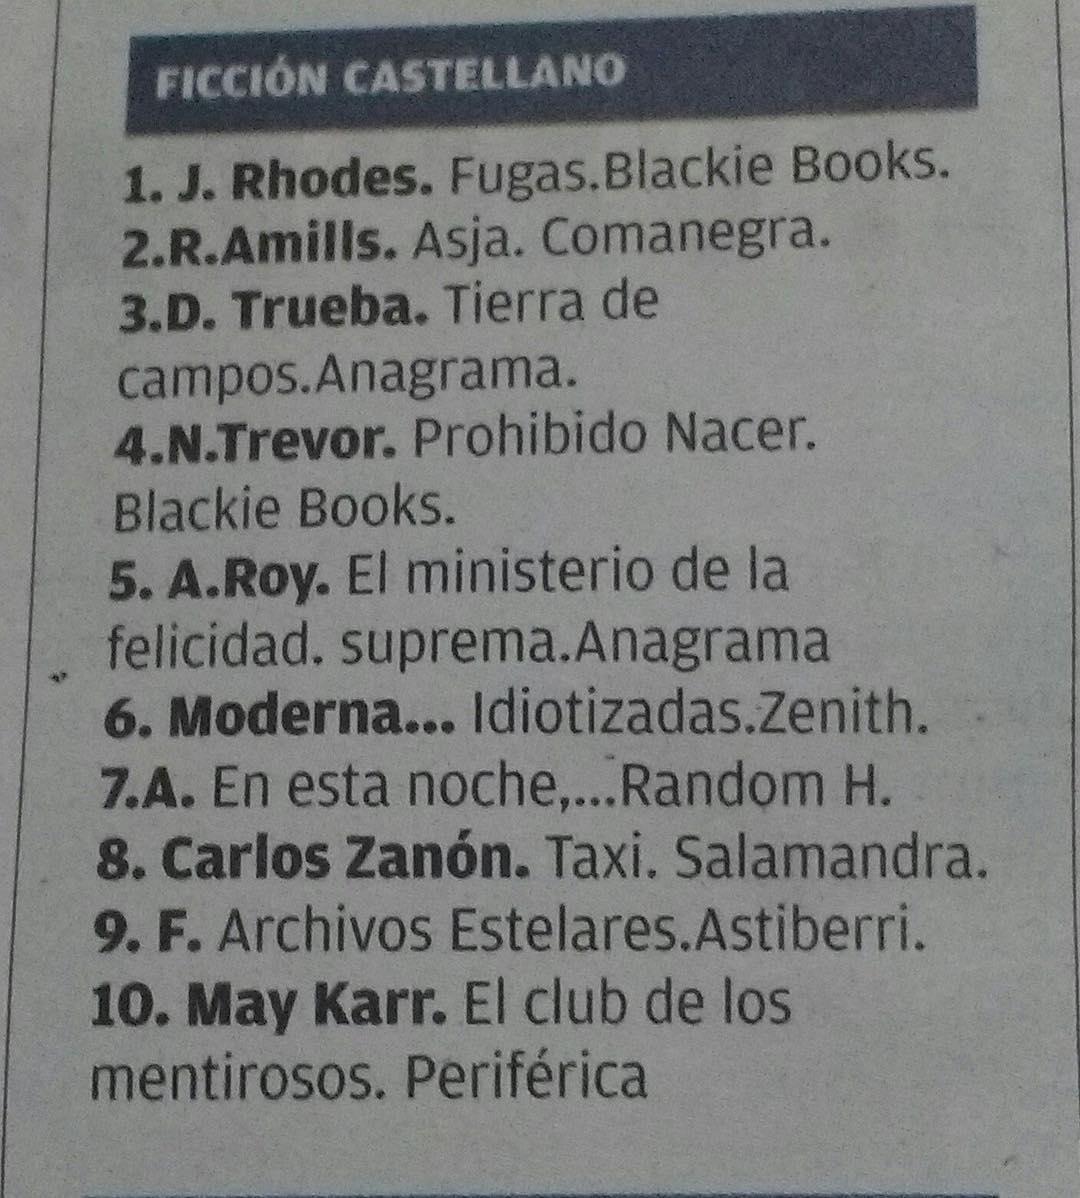 Esta semana #asjalacis es uno de los llibros más vendidos!!! @ratacorner @Comanegra @diariomallorca